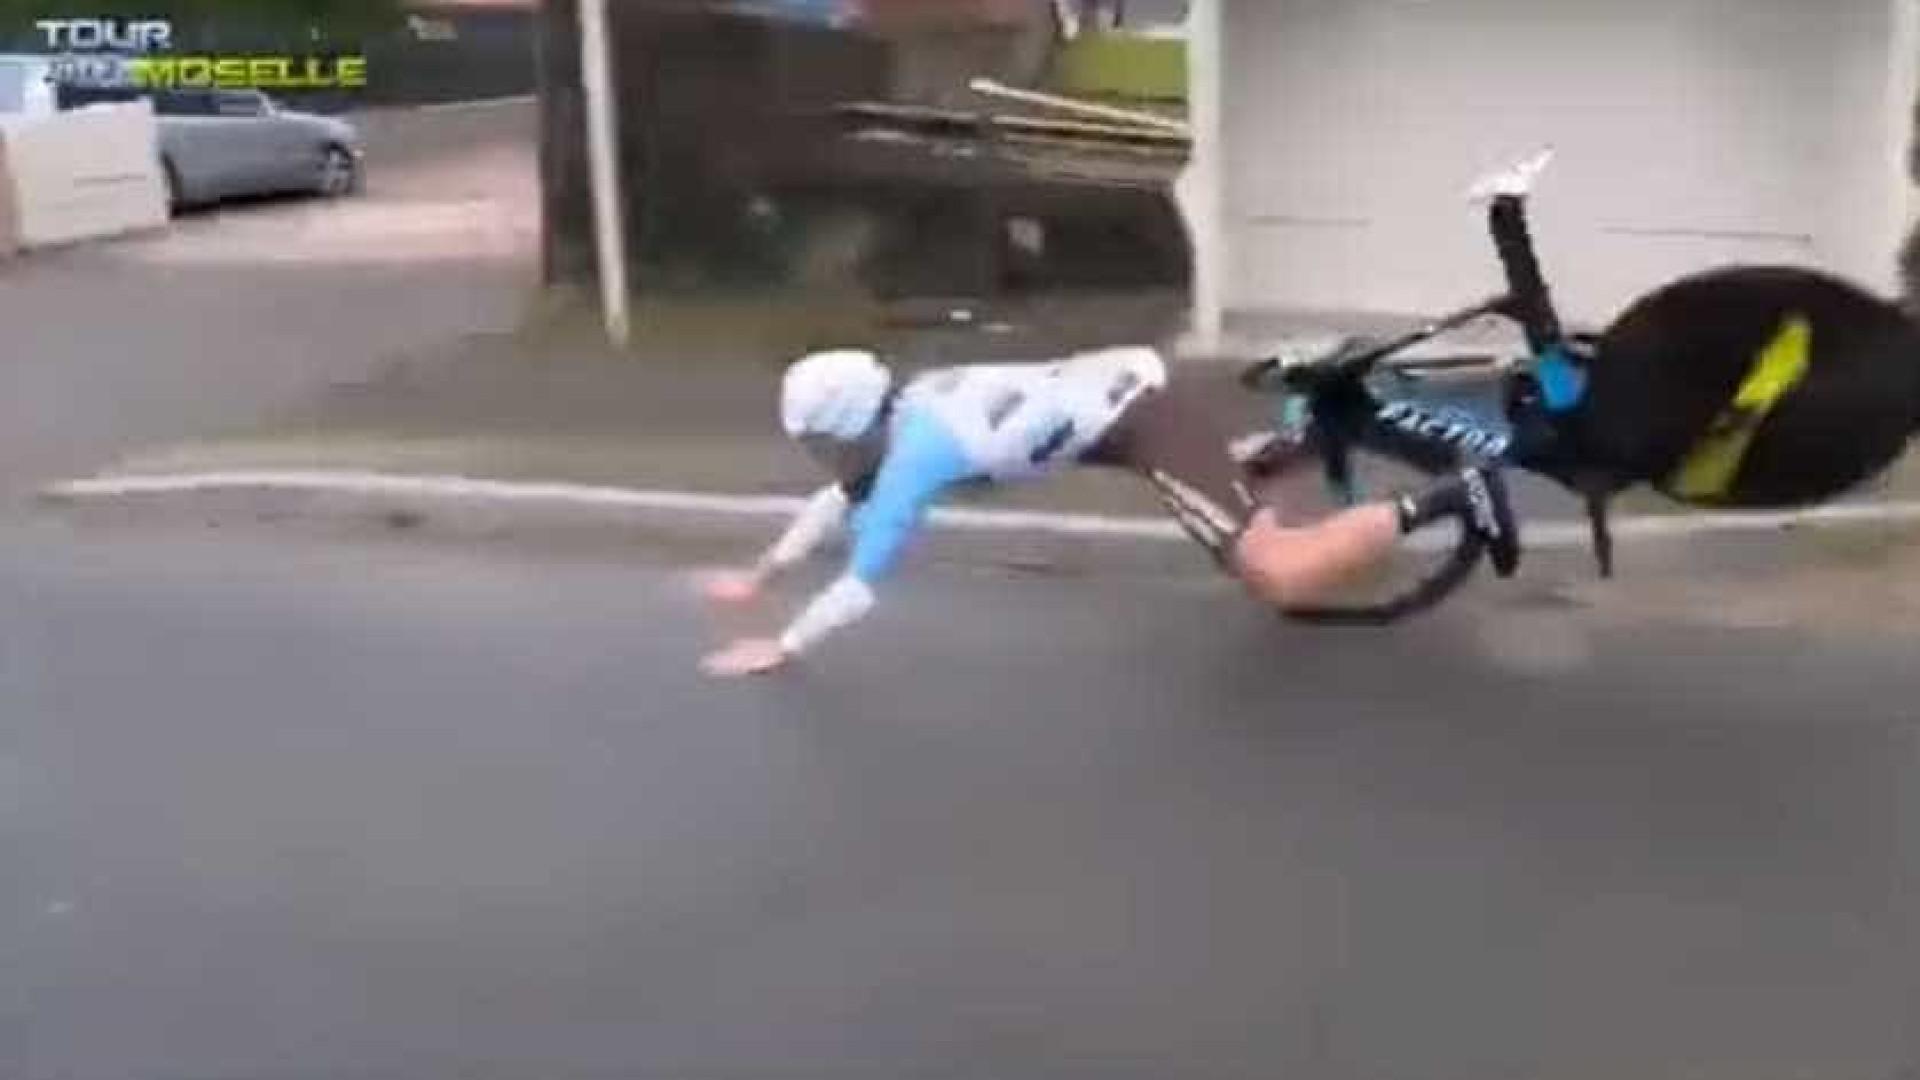 Problema em guiador provoca queda de ciclista francês